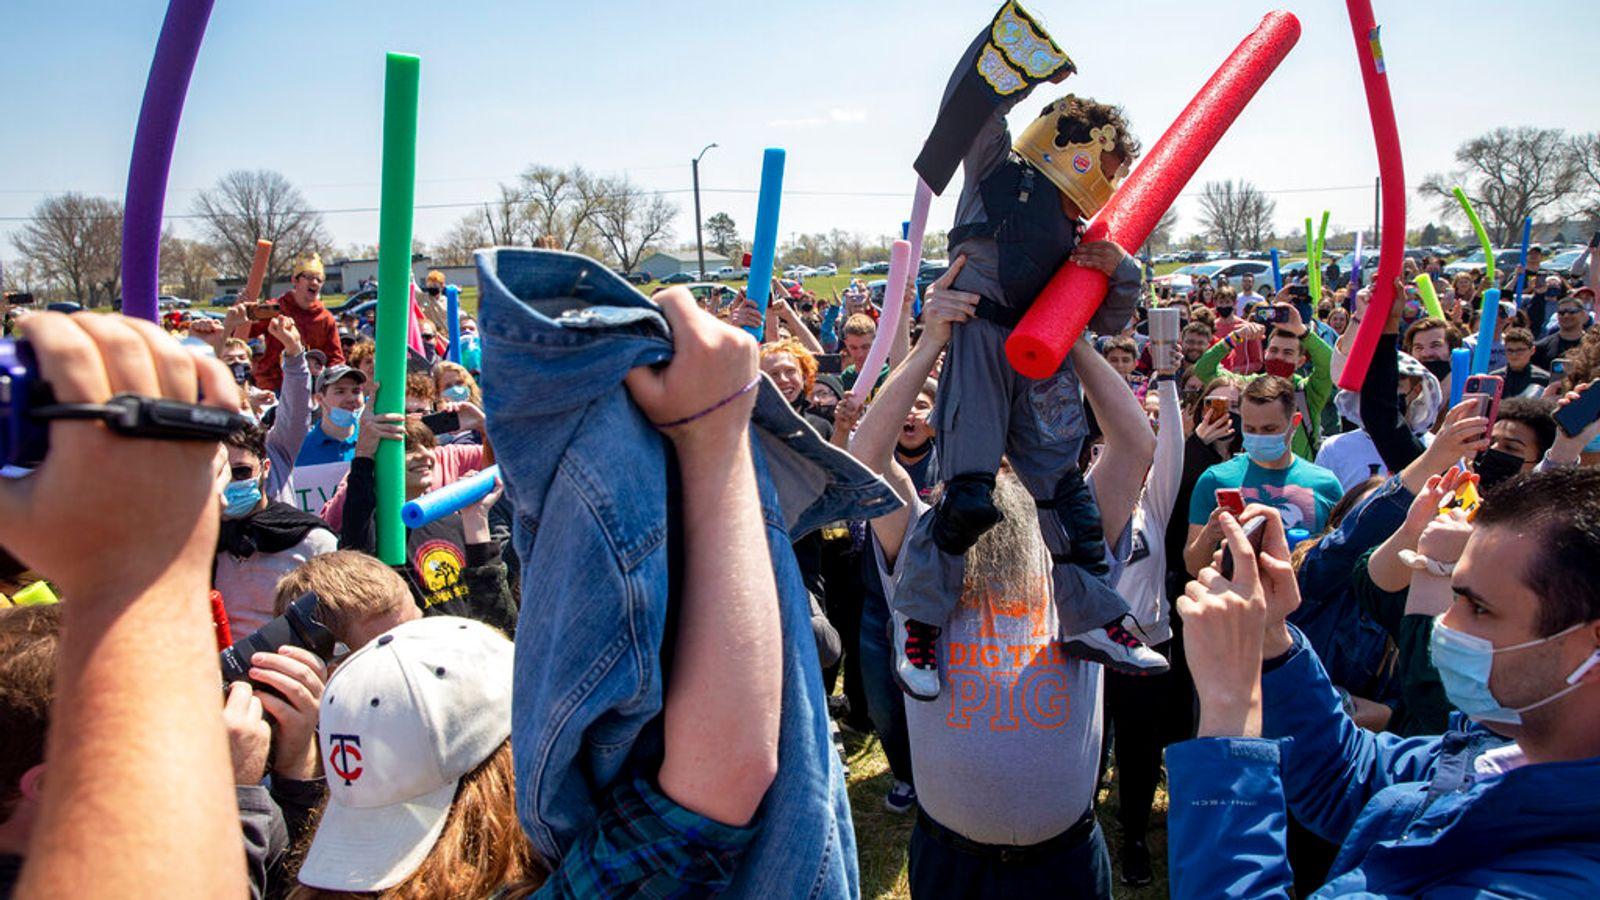 В США сотни людей устроили «битву Джошей». Сражались на аквапалках